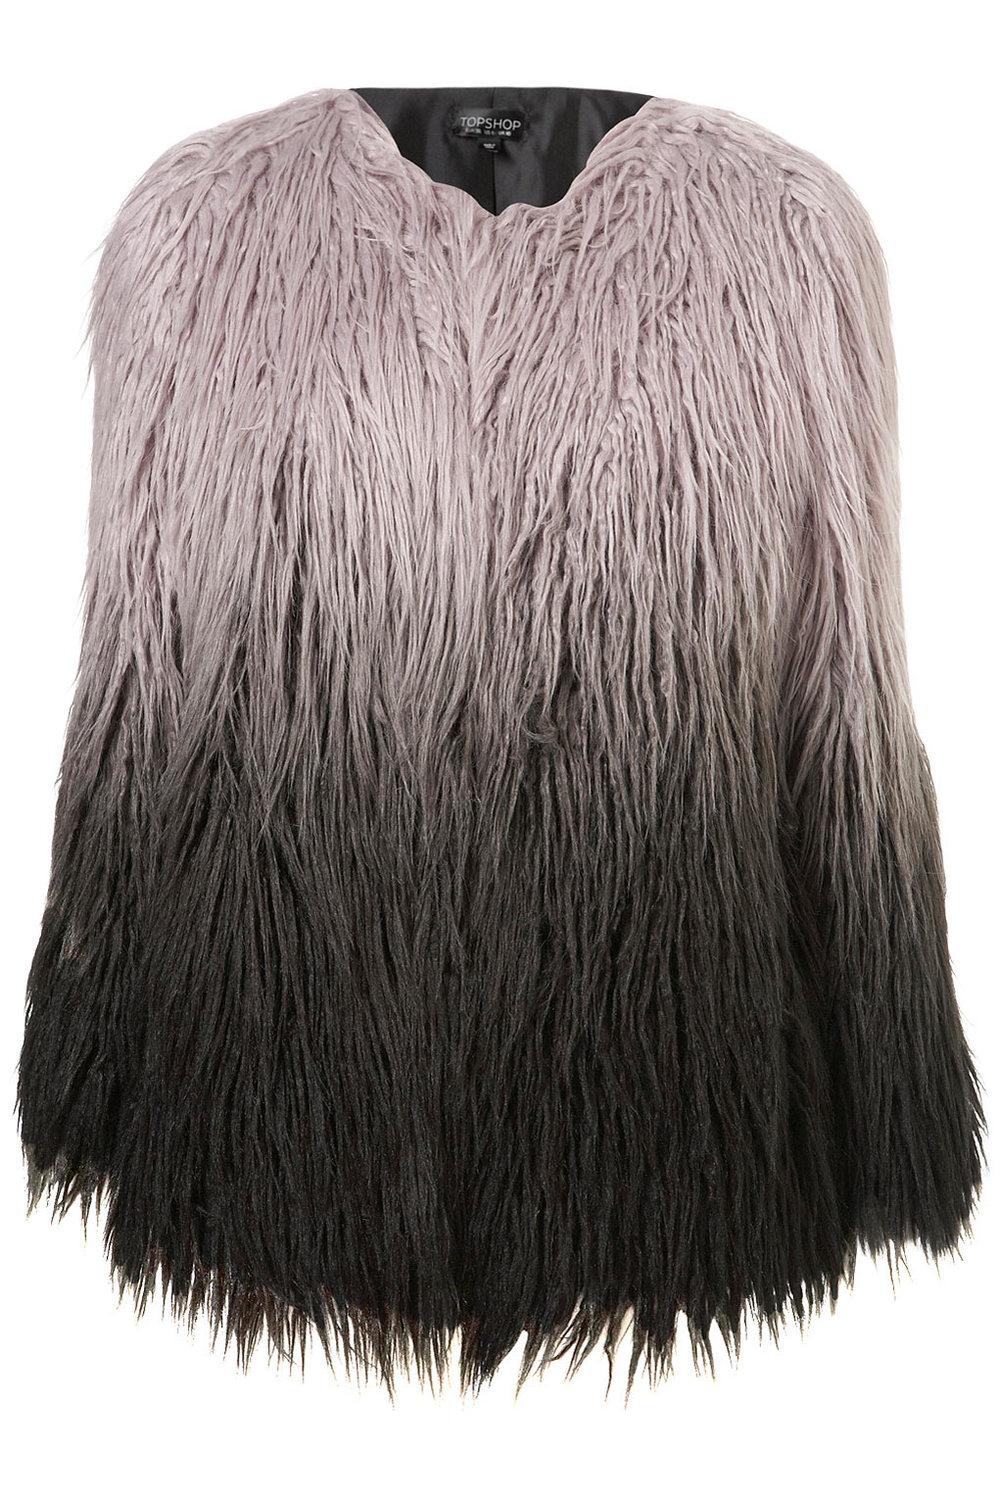 Ombre Faux Mongolian Fur Coat $178.00 TOPSHOP.COM